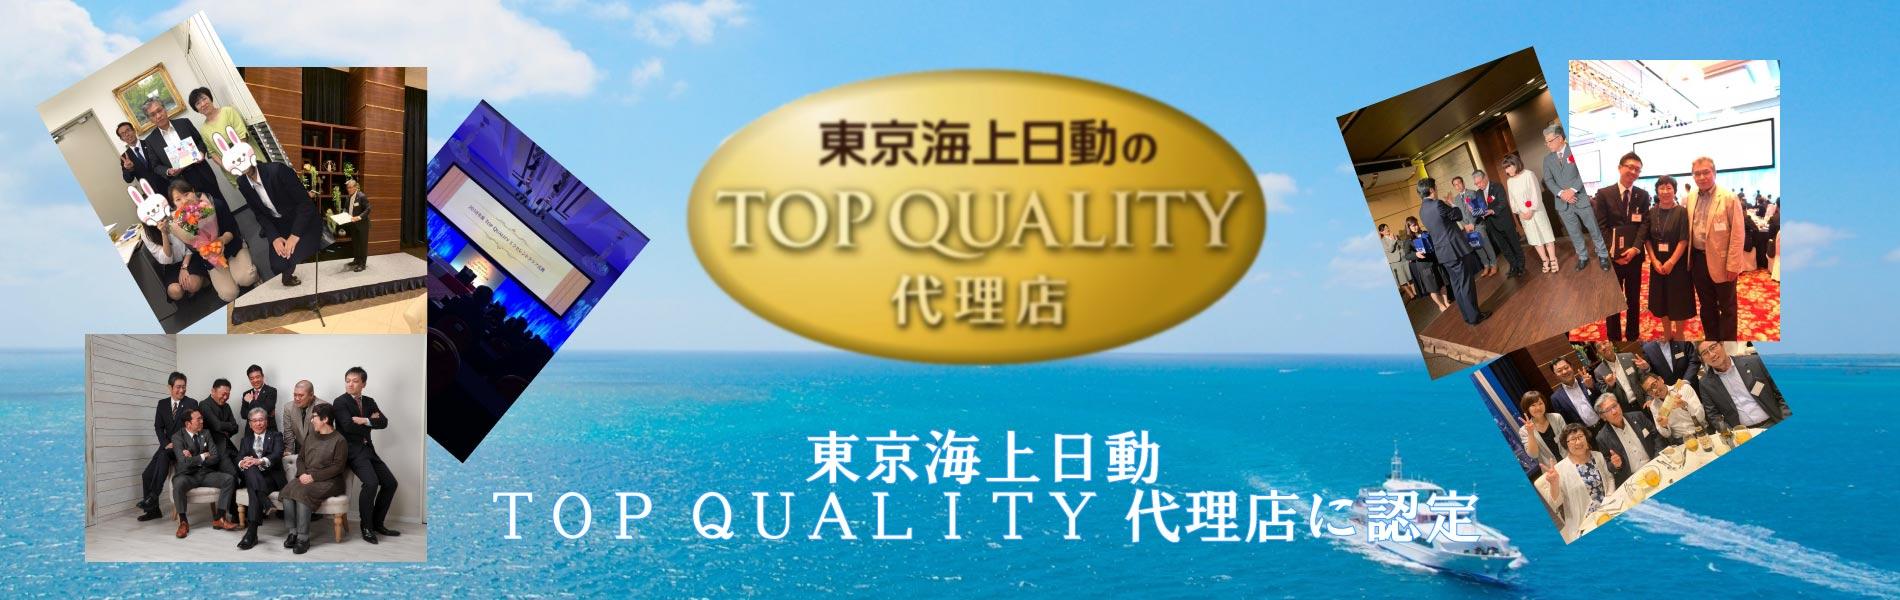 東京海上日動が選ぶトップクオリティ代理店